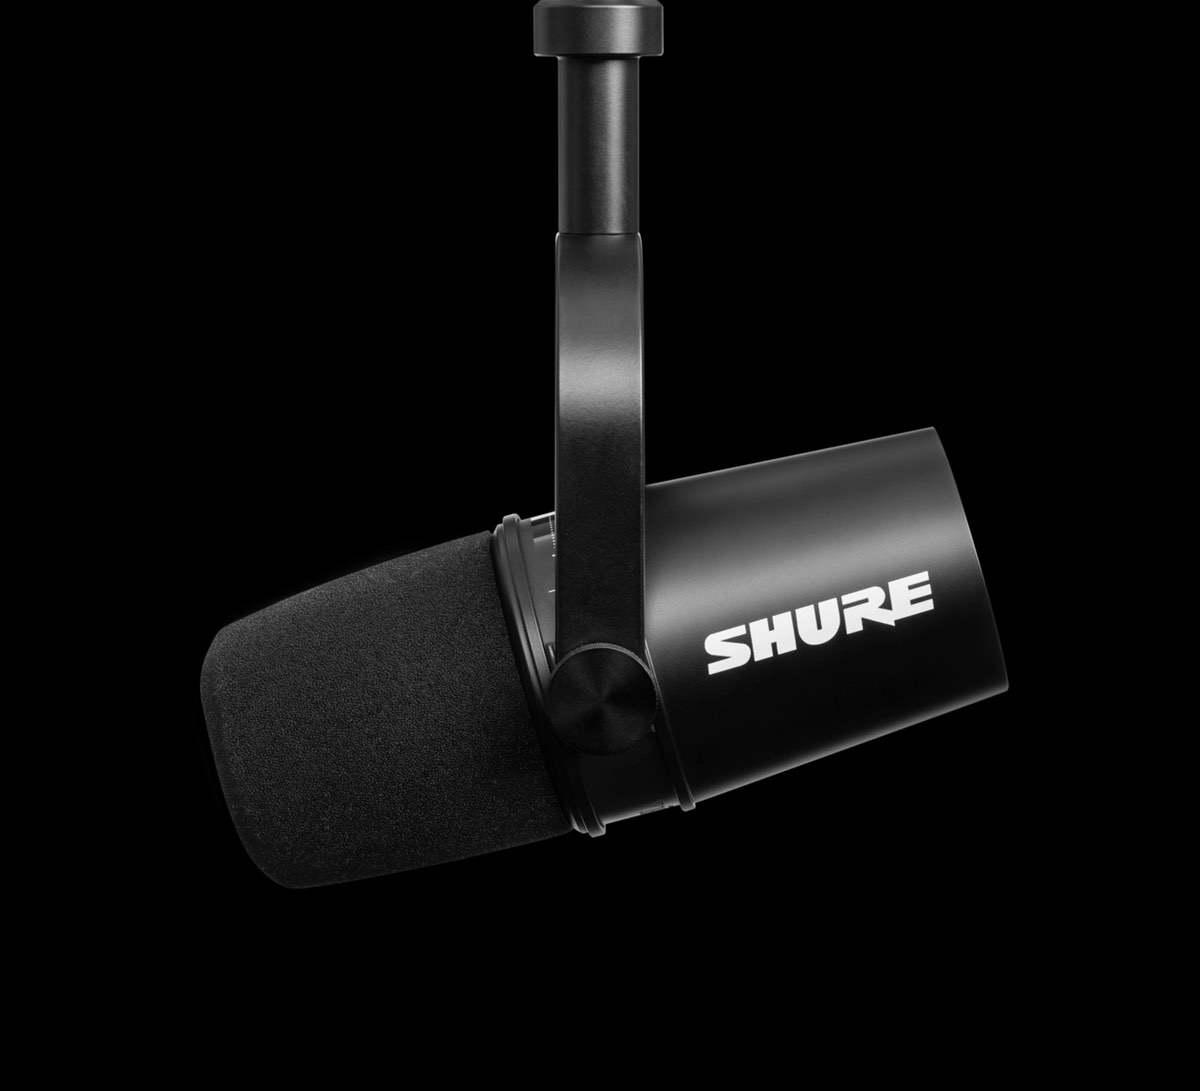 Shure MV7 – Neues Mikrofon der MOTIV-Serie vorgestellt